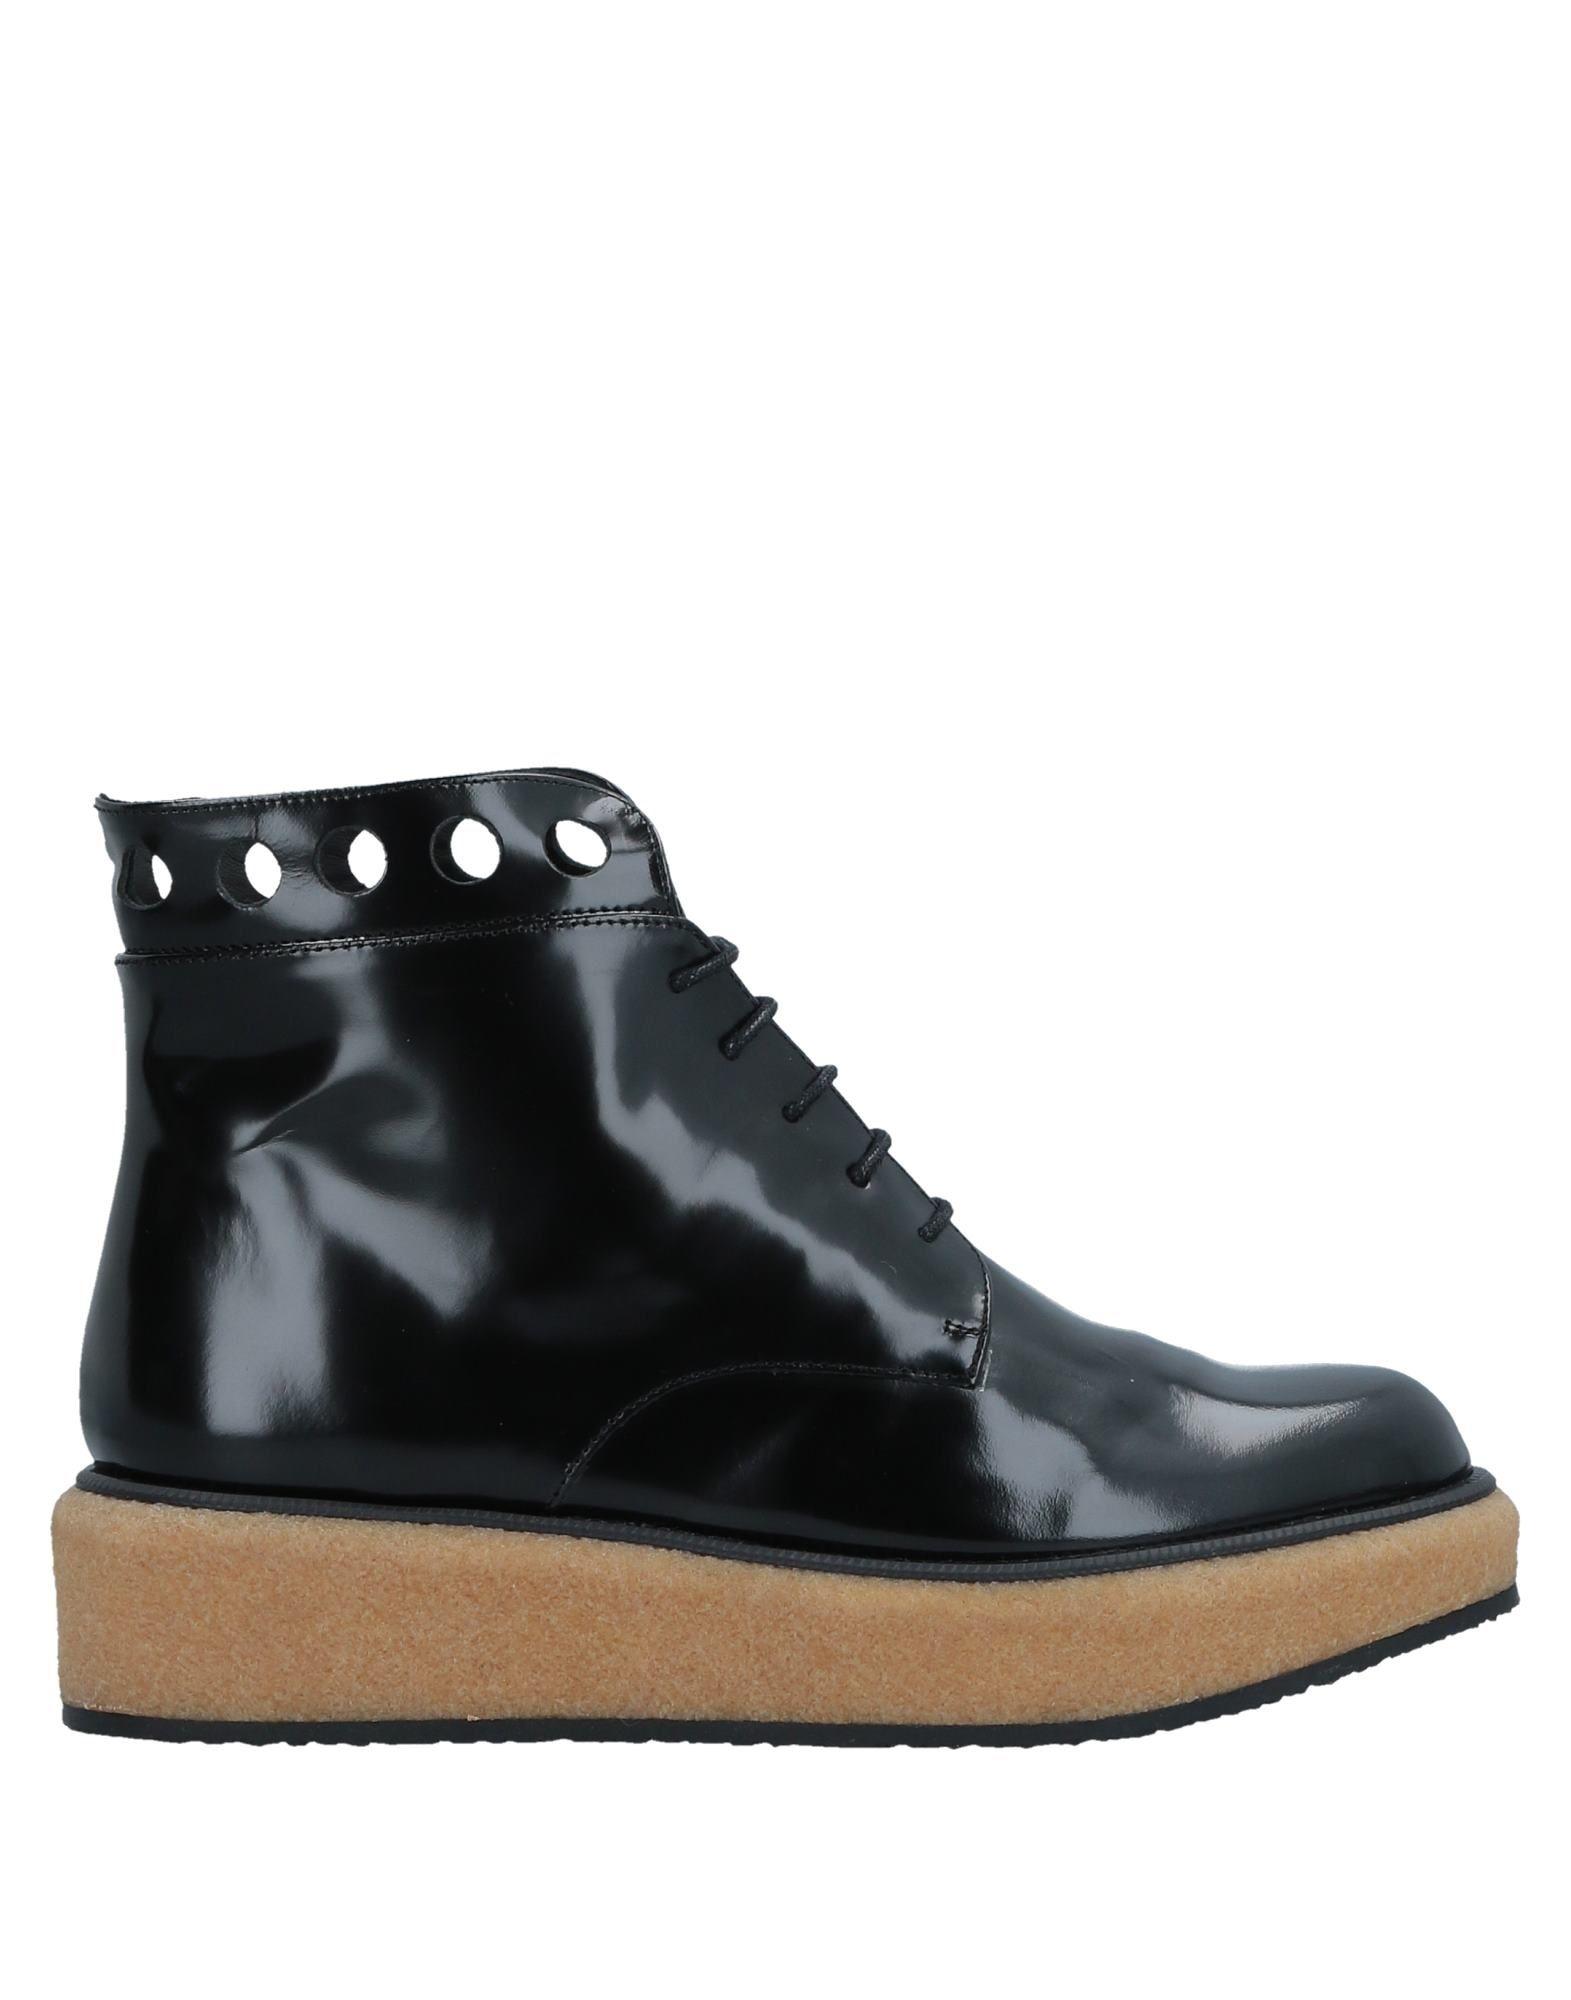 Stilvolle Stilvolle Stilvolle billige Schuhe Paloma Barceló Stiefelette Damen  11516604GK 0590e5